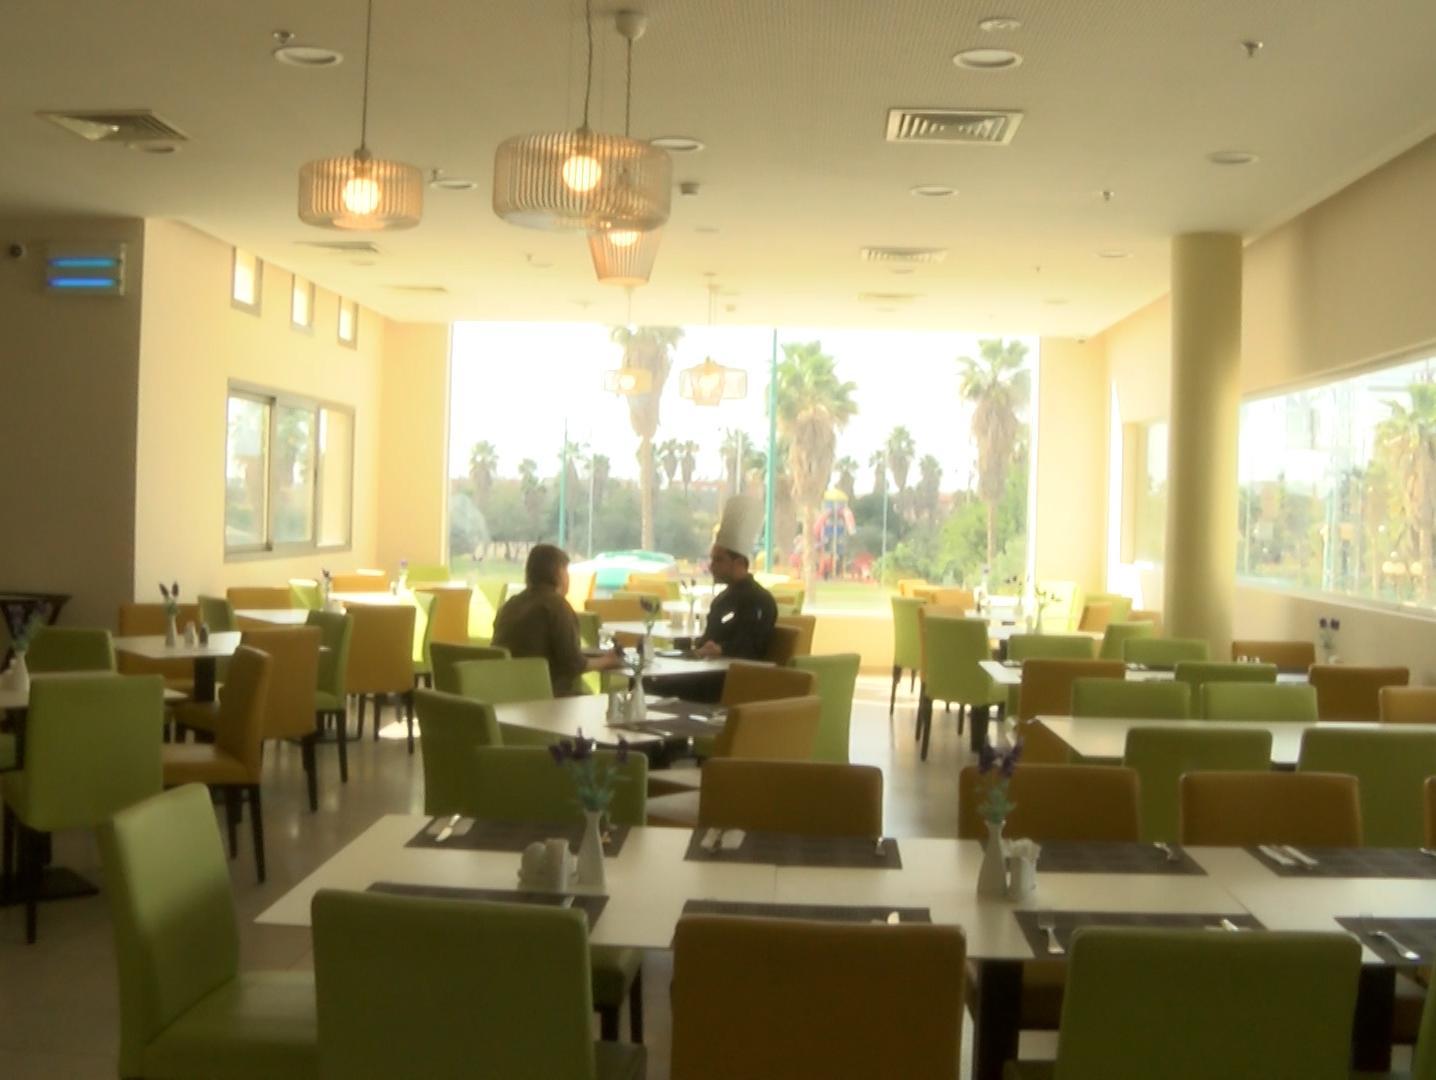 אירוס המדבר- המלון החברתי בירוחם ממצב עצמו על מפת התיירות